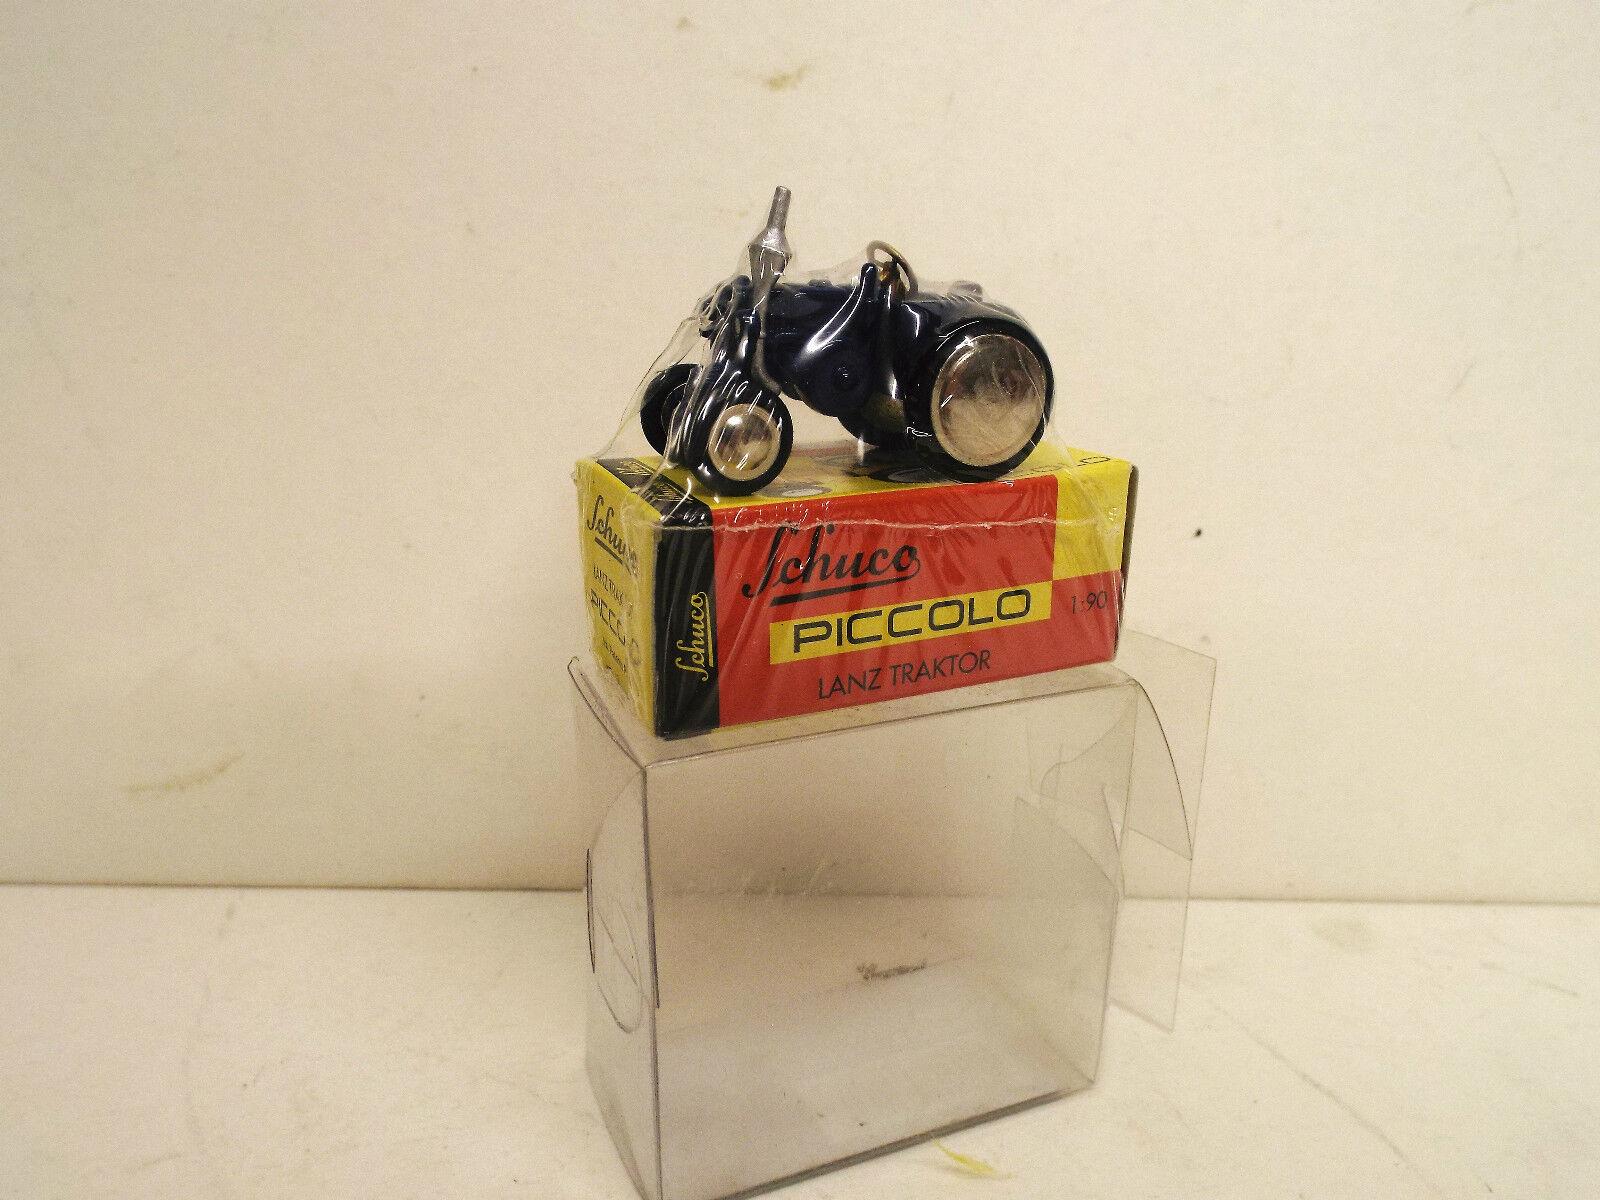 01601 SCHUCO PICCOLO LANZ BULLDOG TRACTOR MIMB 1 90  (BS1031)